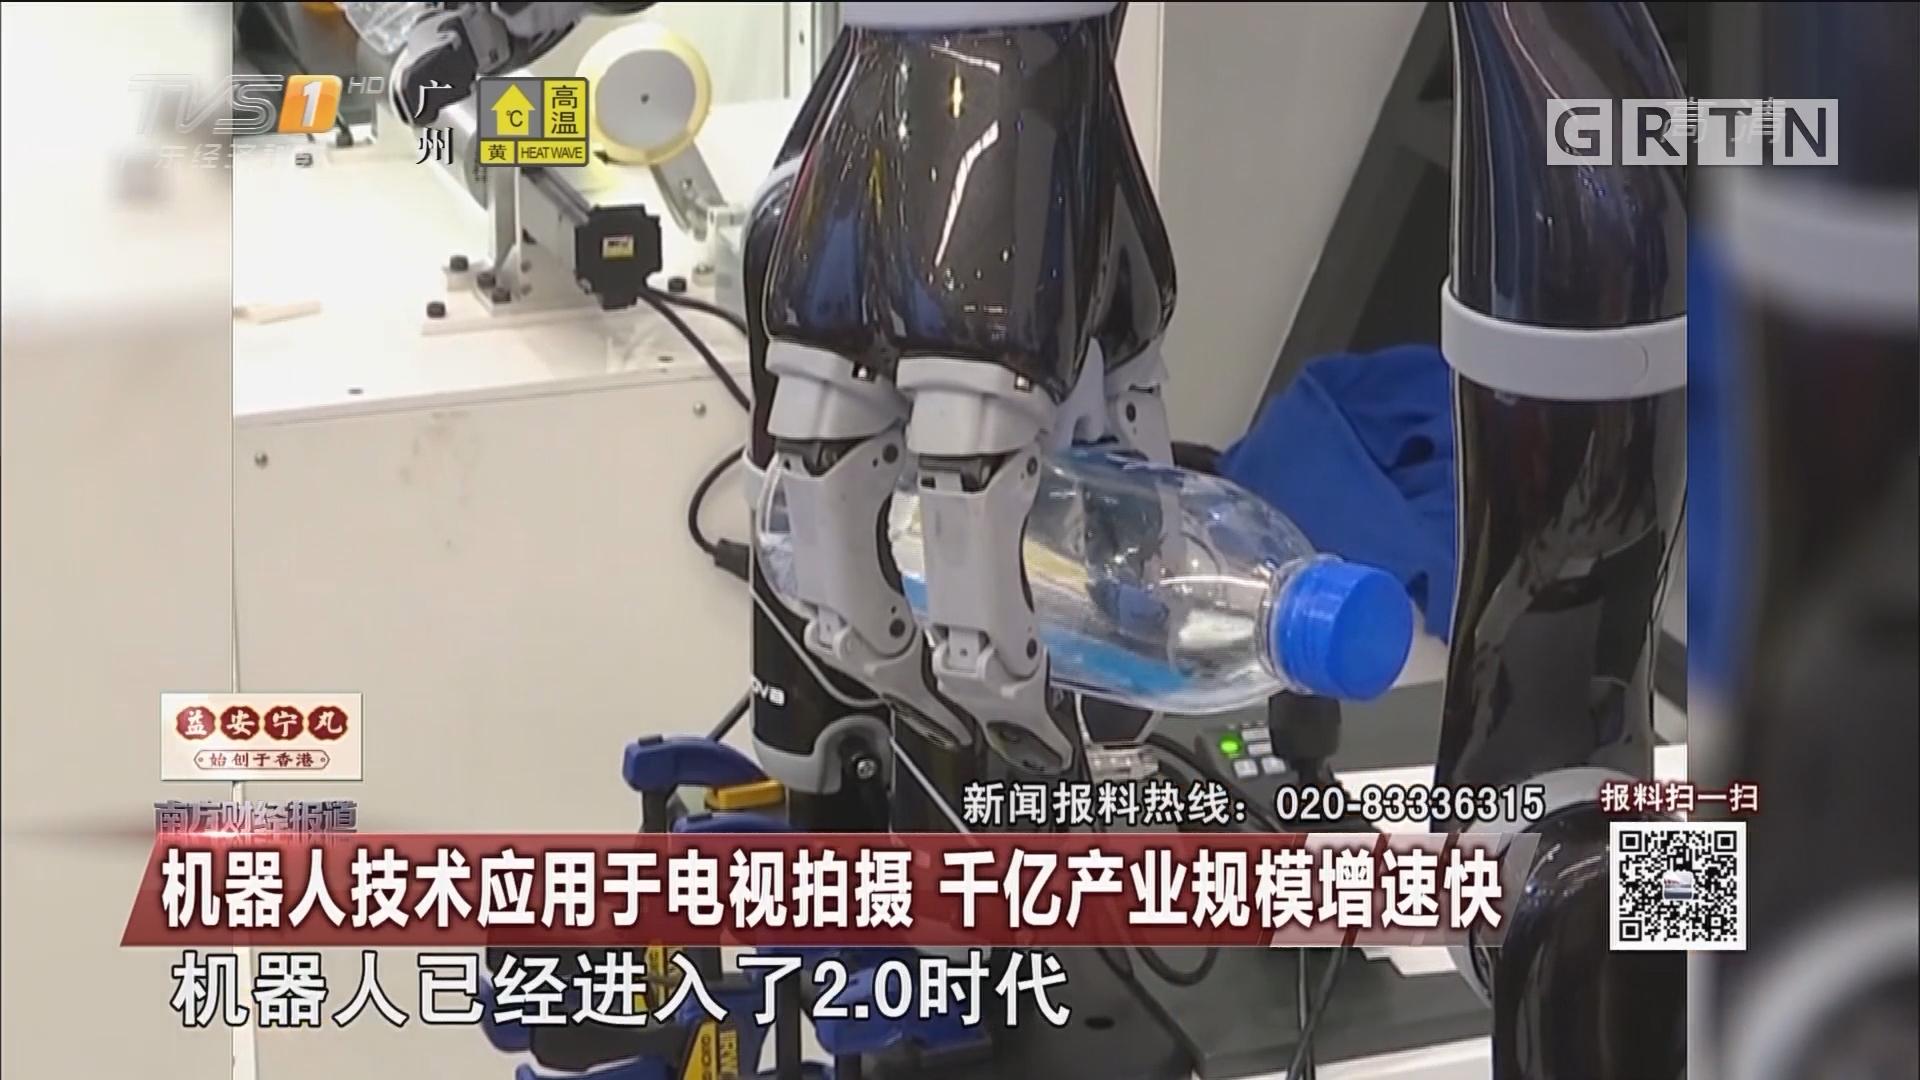 机器人技术应用于电视拍摄 千亿产业规模增速快